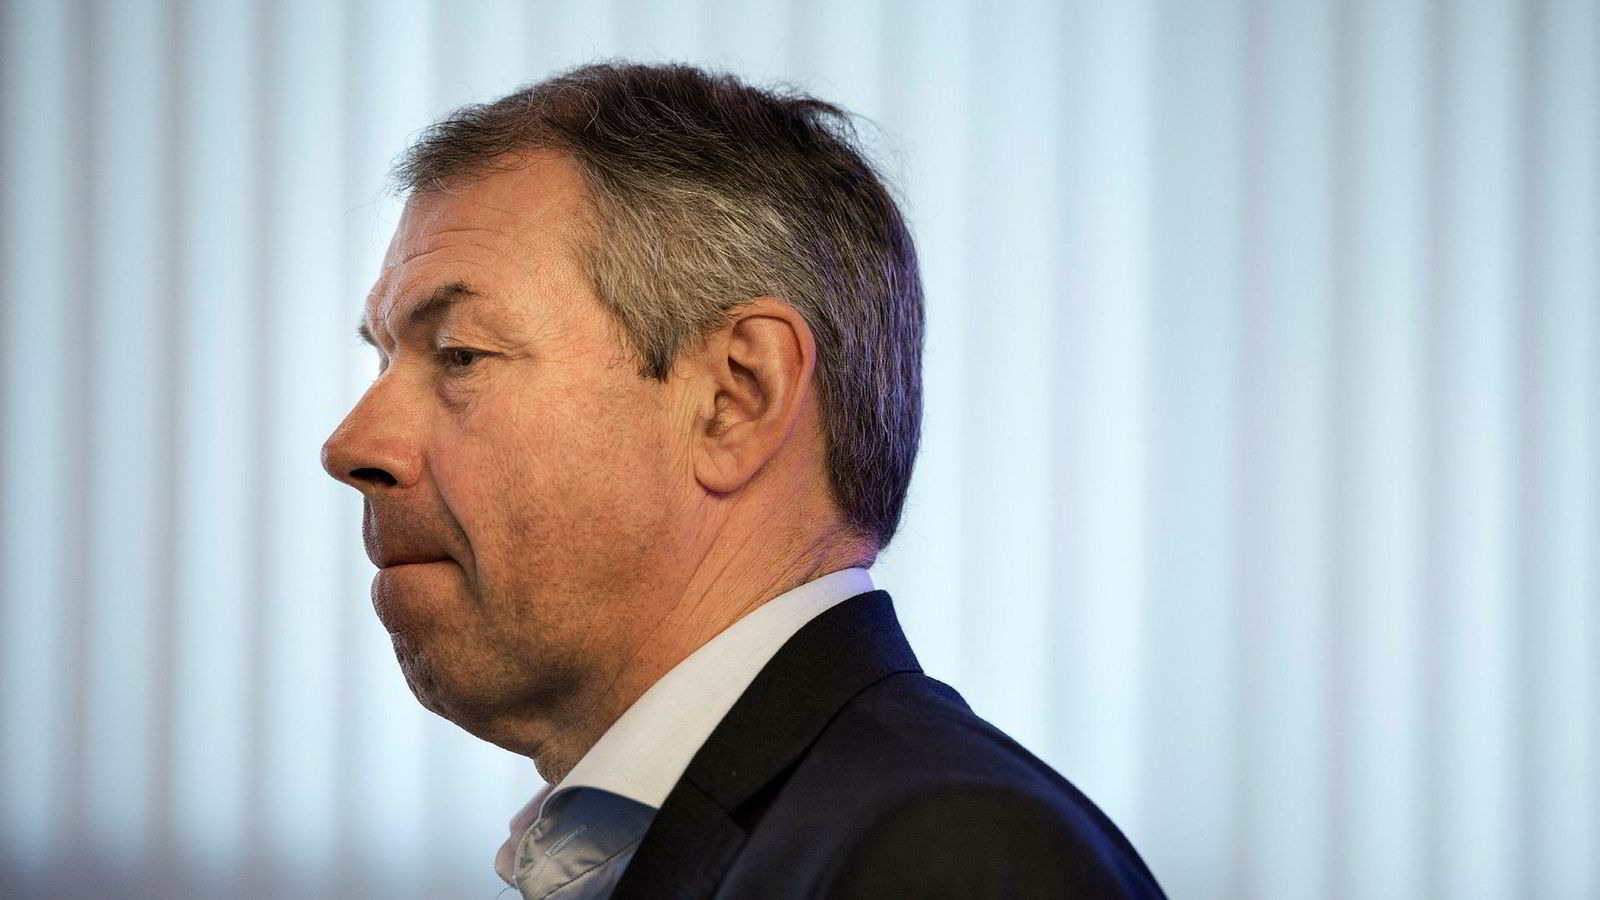 Administrerende direktør Arne Austreid i Sparebank 1 SR-Bank merker økt aktivitet i offshoremarkedet på Vestlandet.